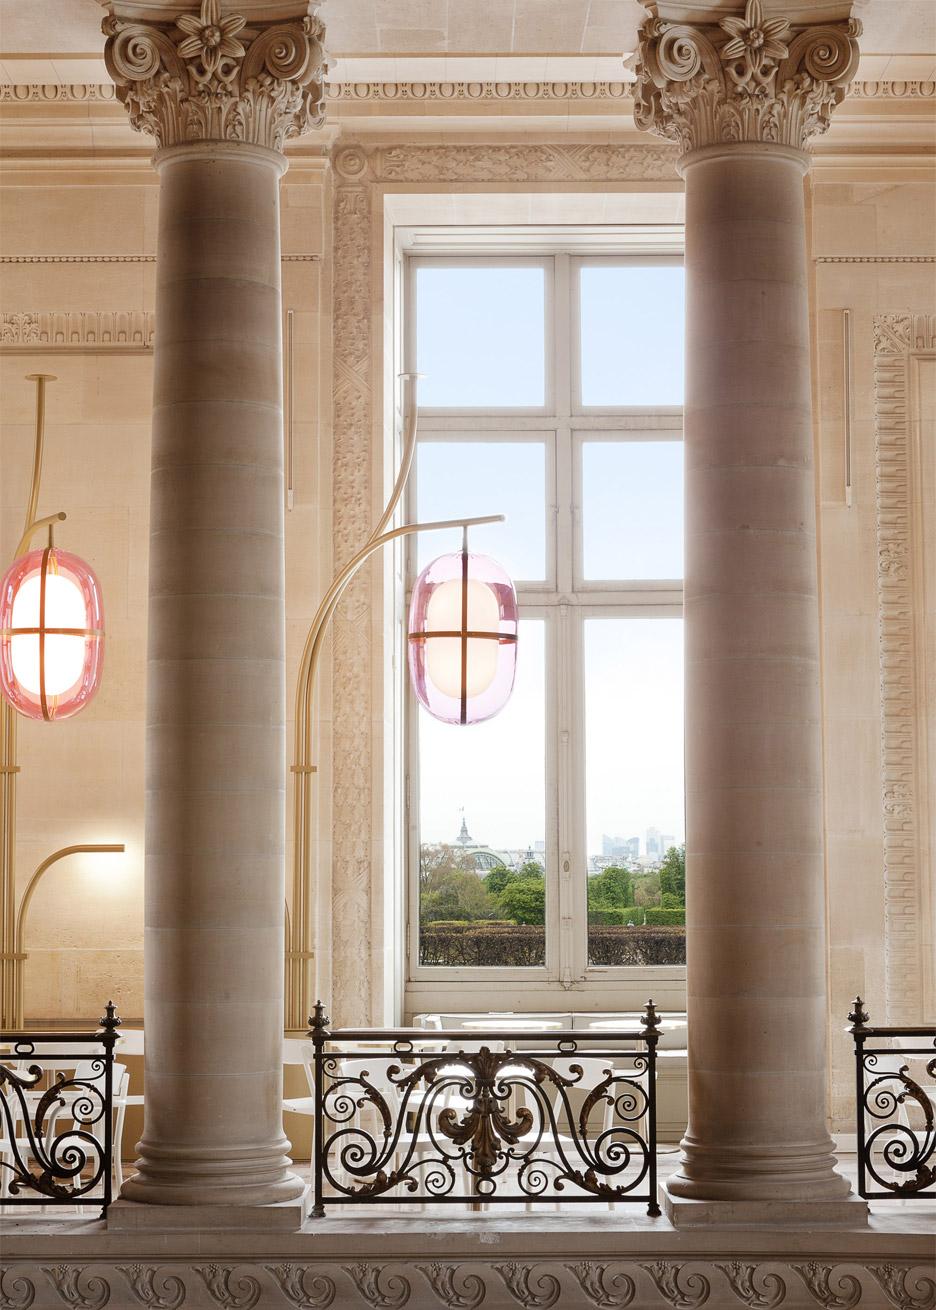 Café Mollien at the Louvre by Mathieu Lehanneur